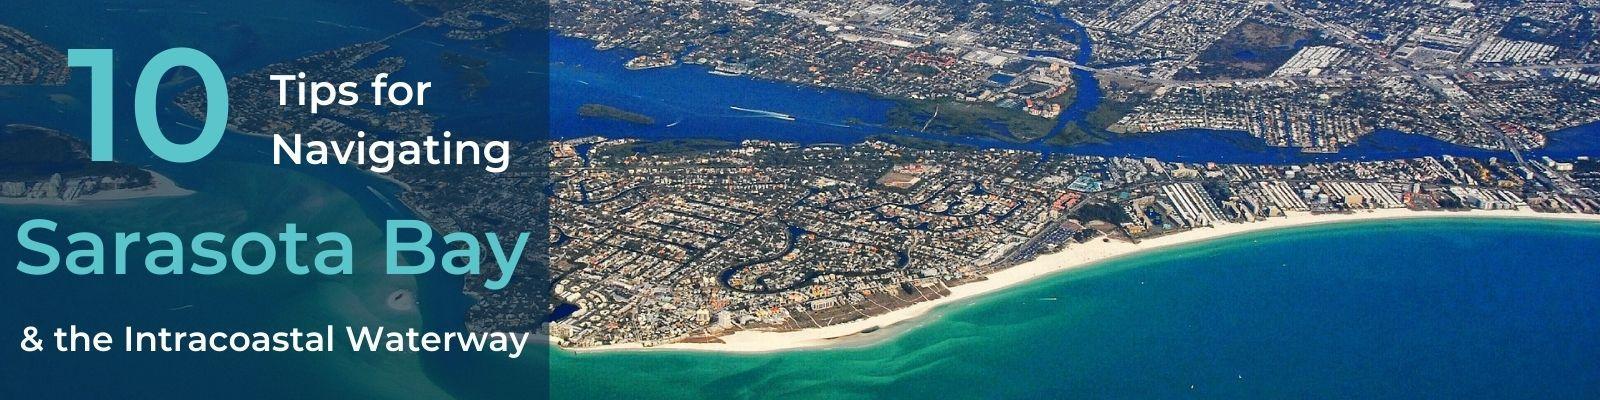 Navigating Sarasota Bay and the Intracoastal Waterway